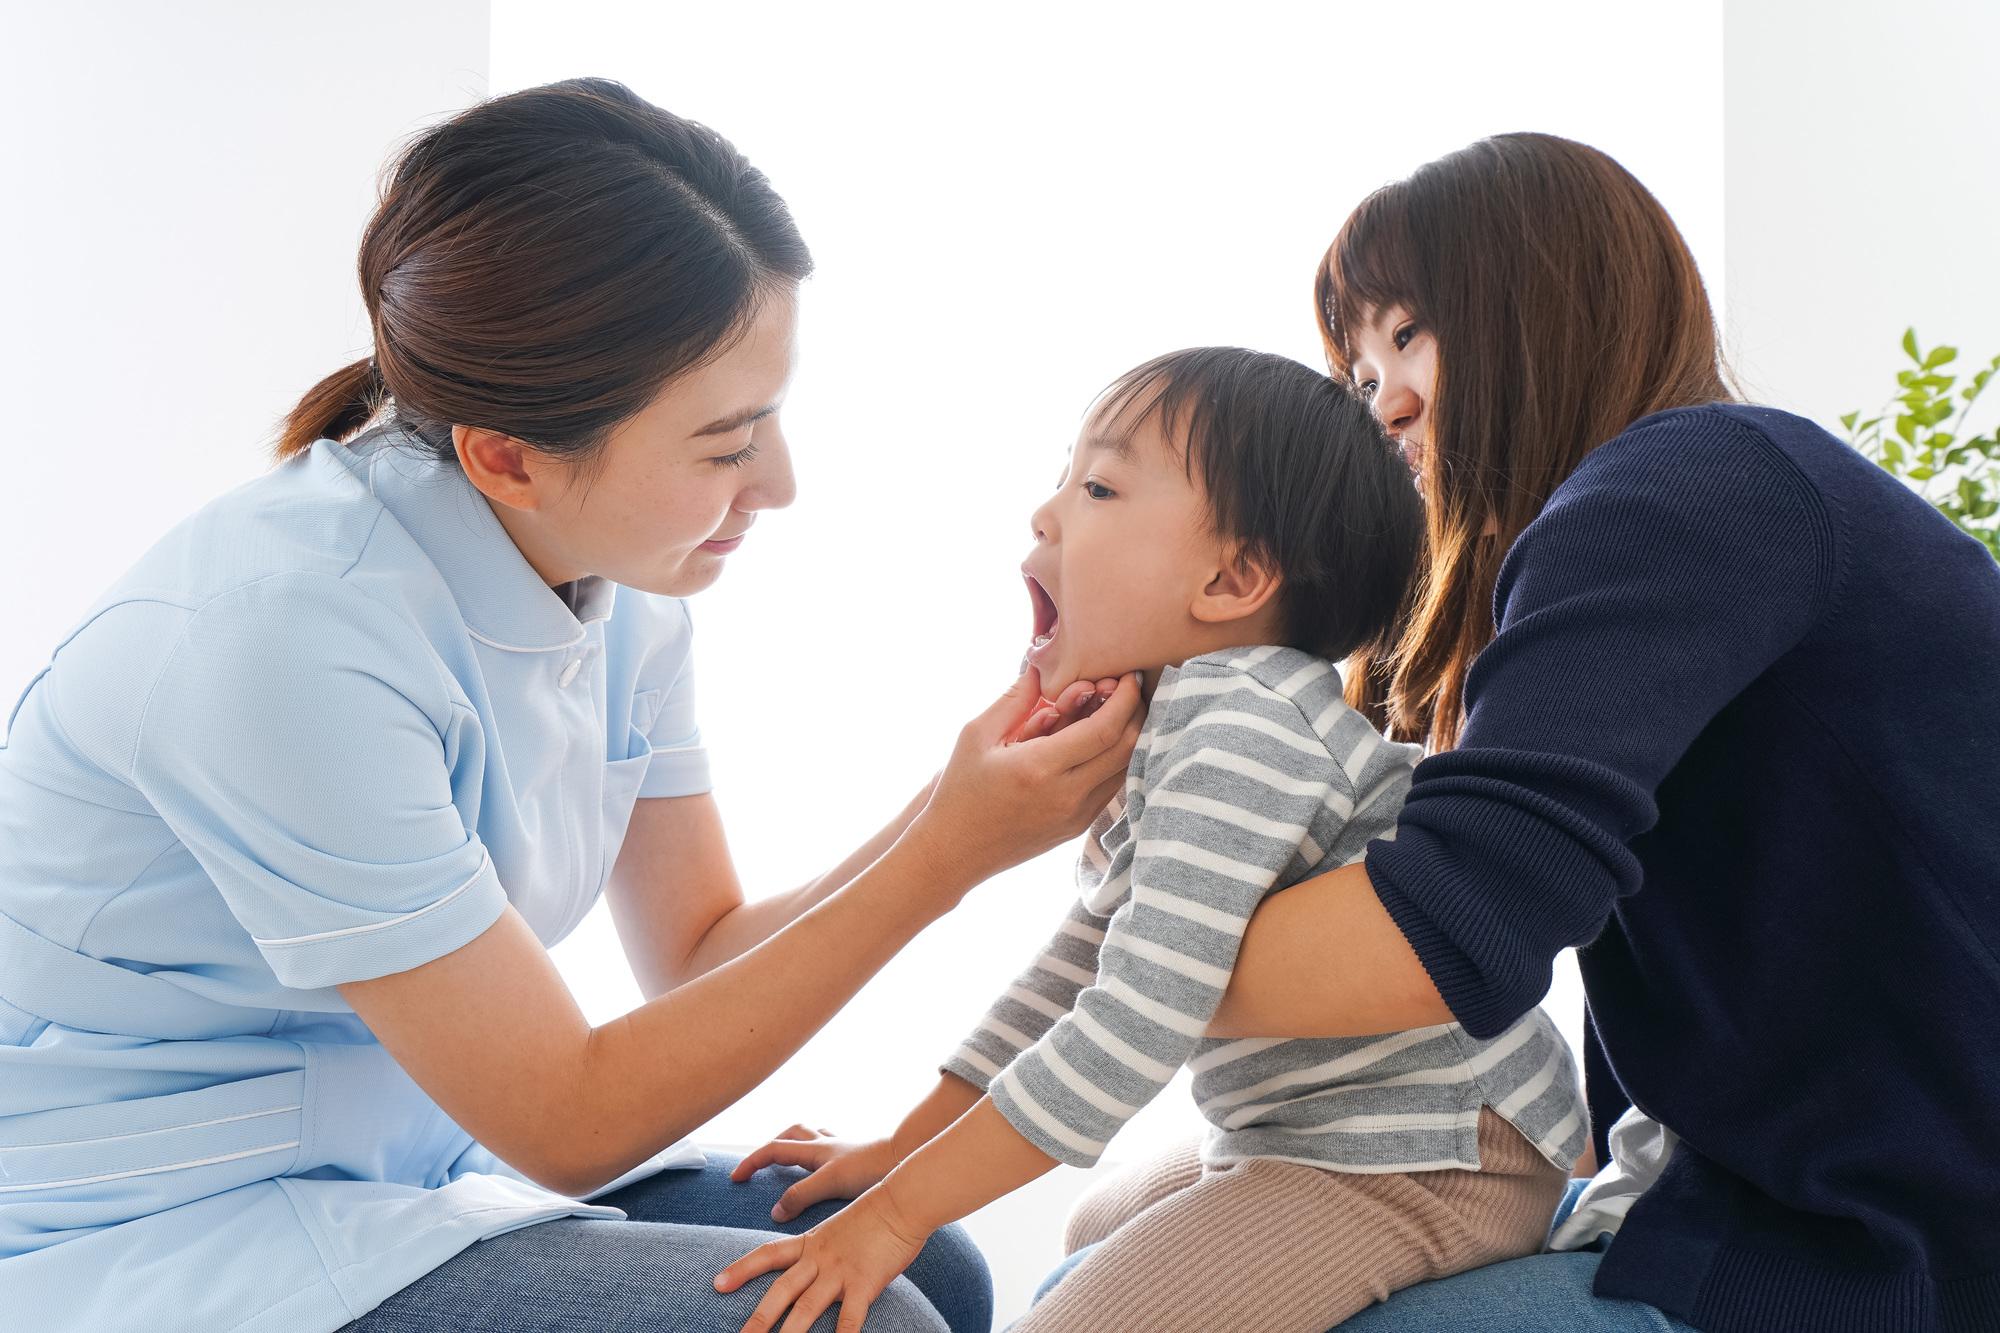 歯の診察を受ける子供